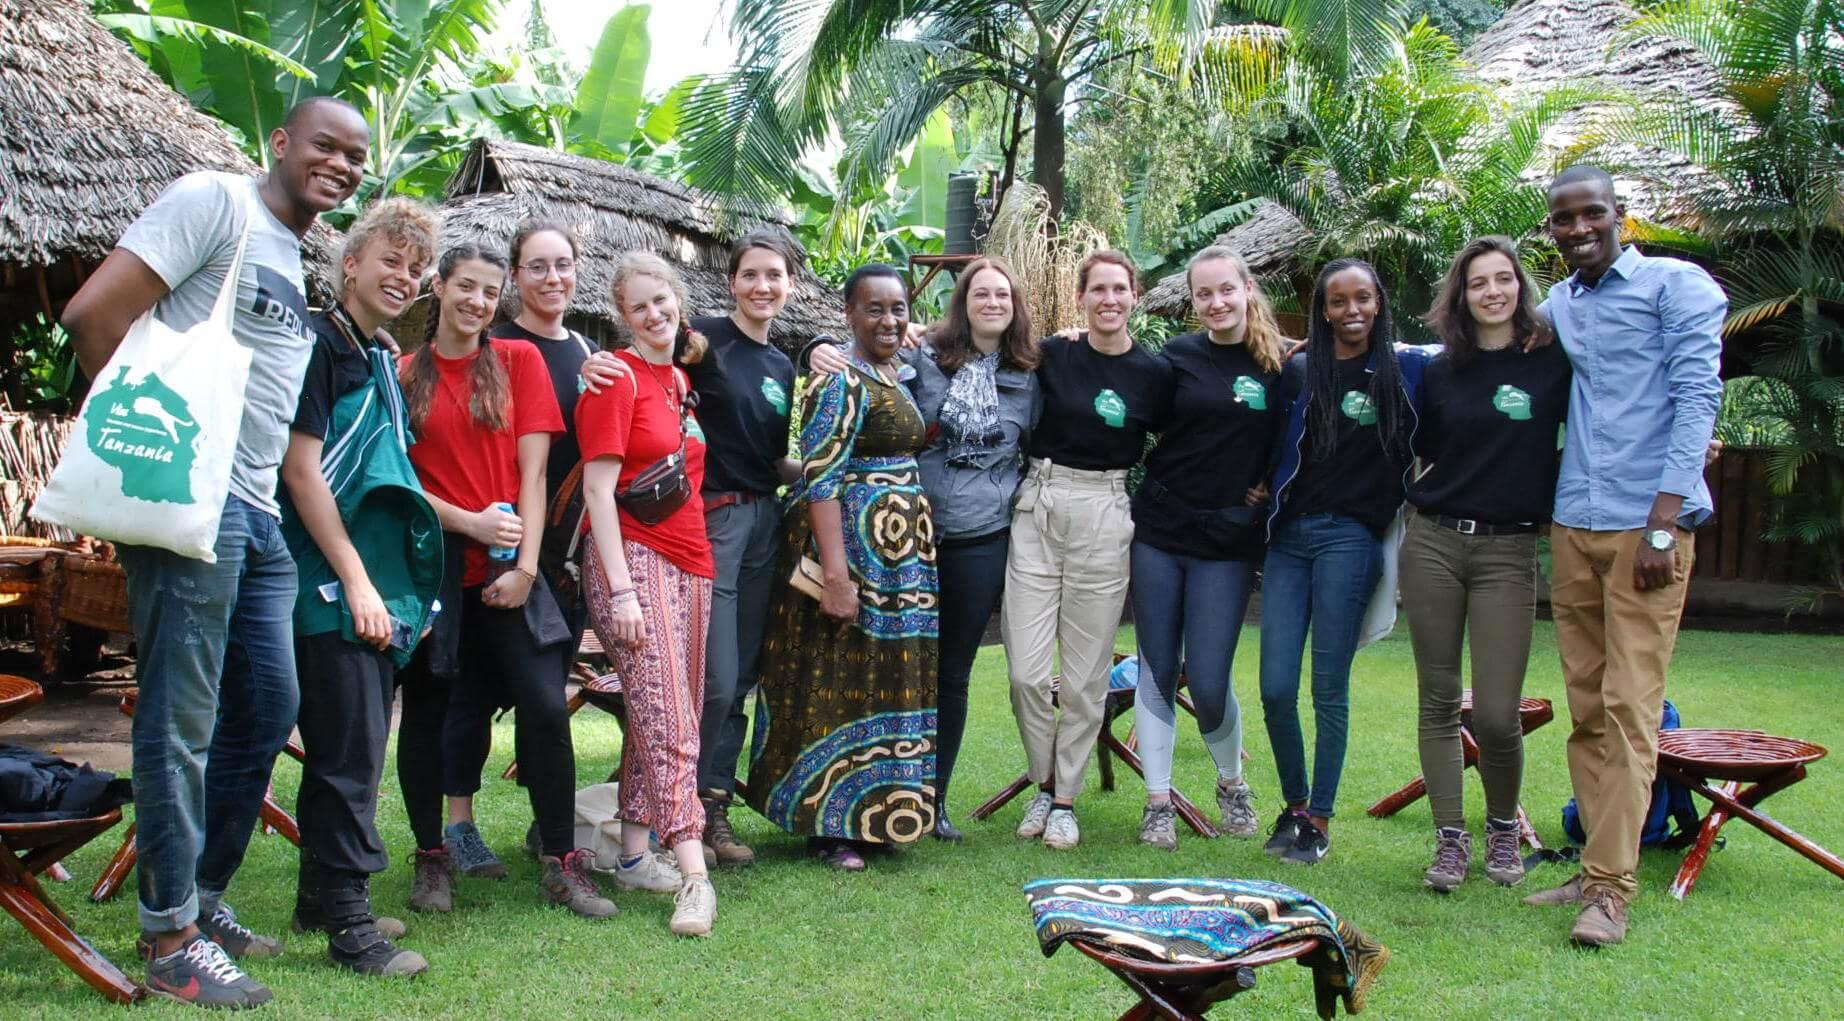 Duluti Green Foundation volunteering in Tanzania